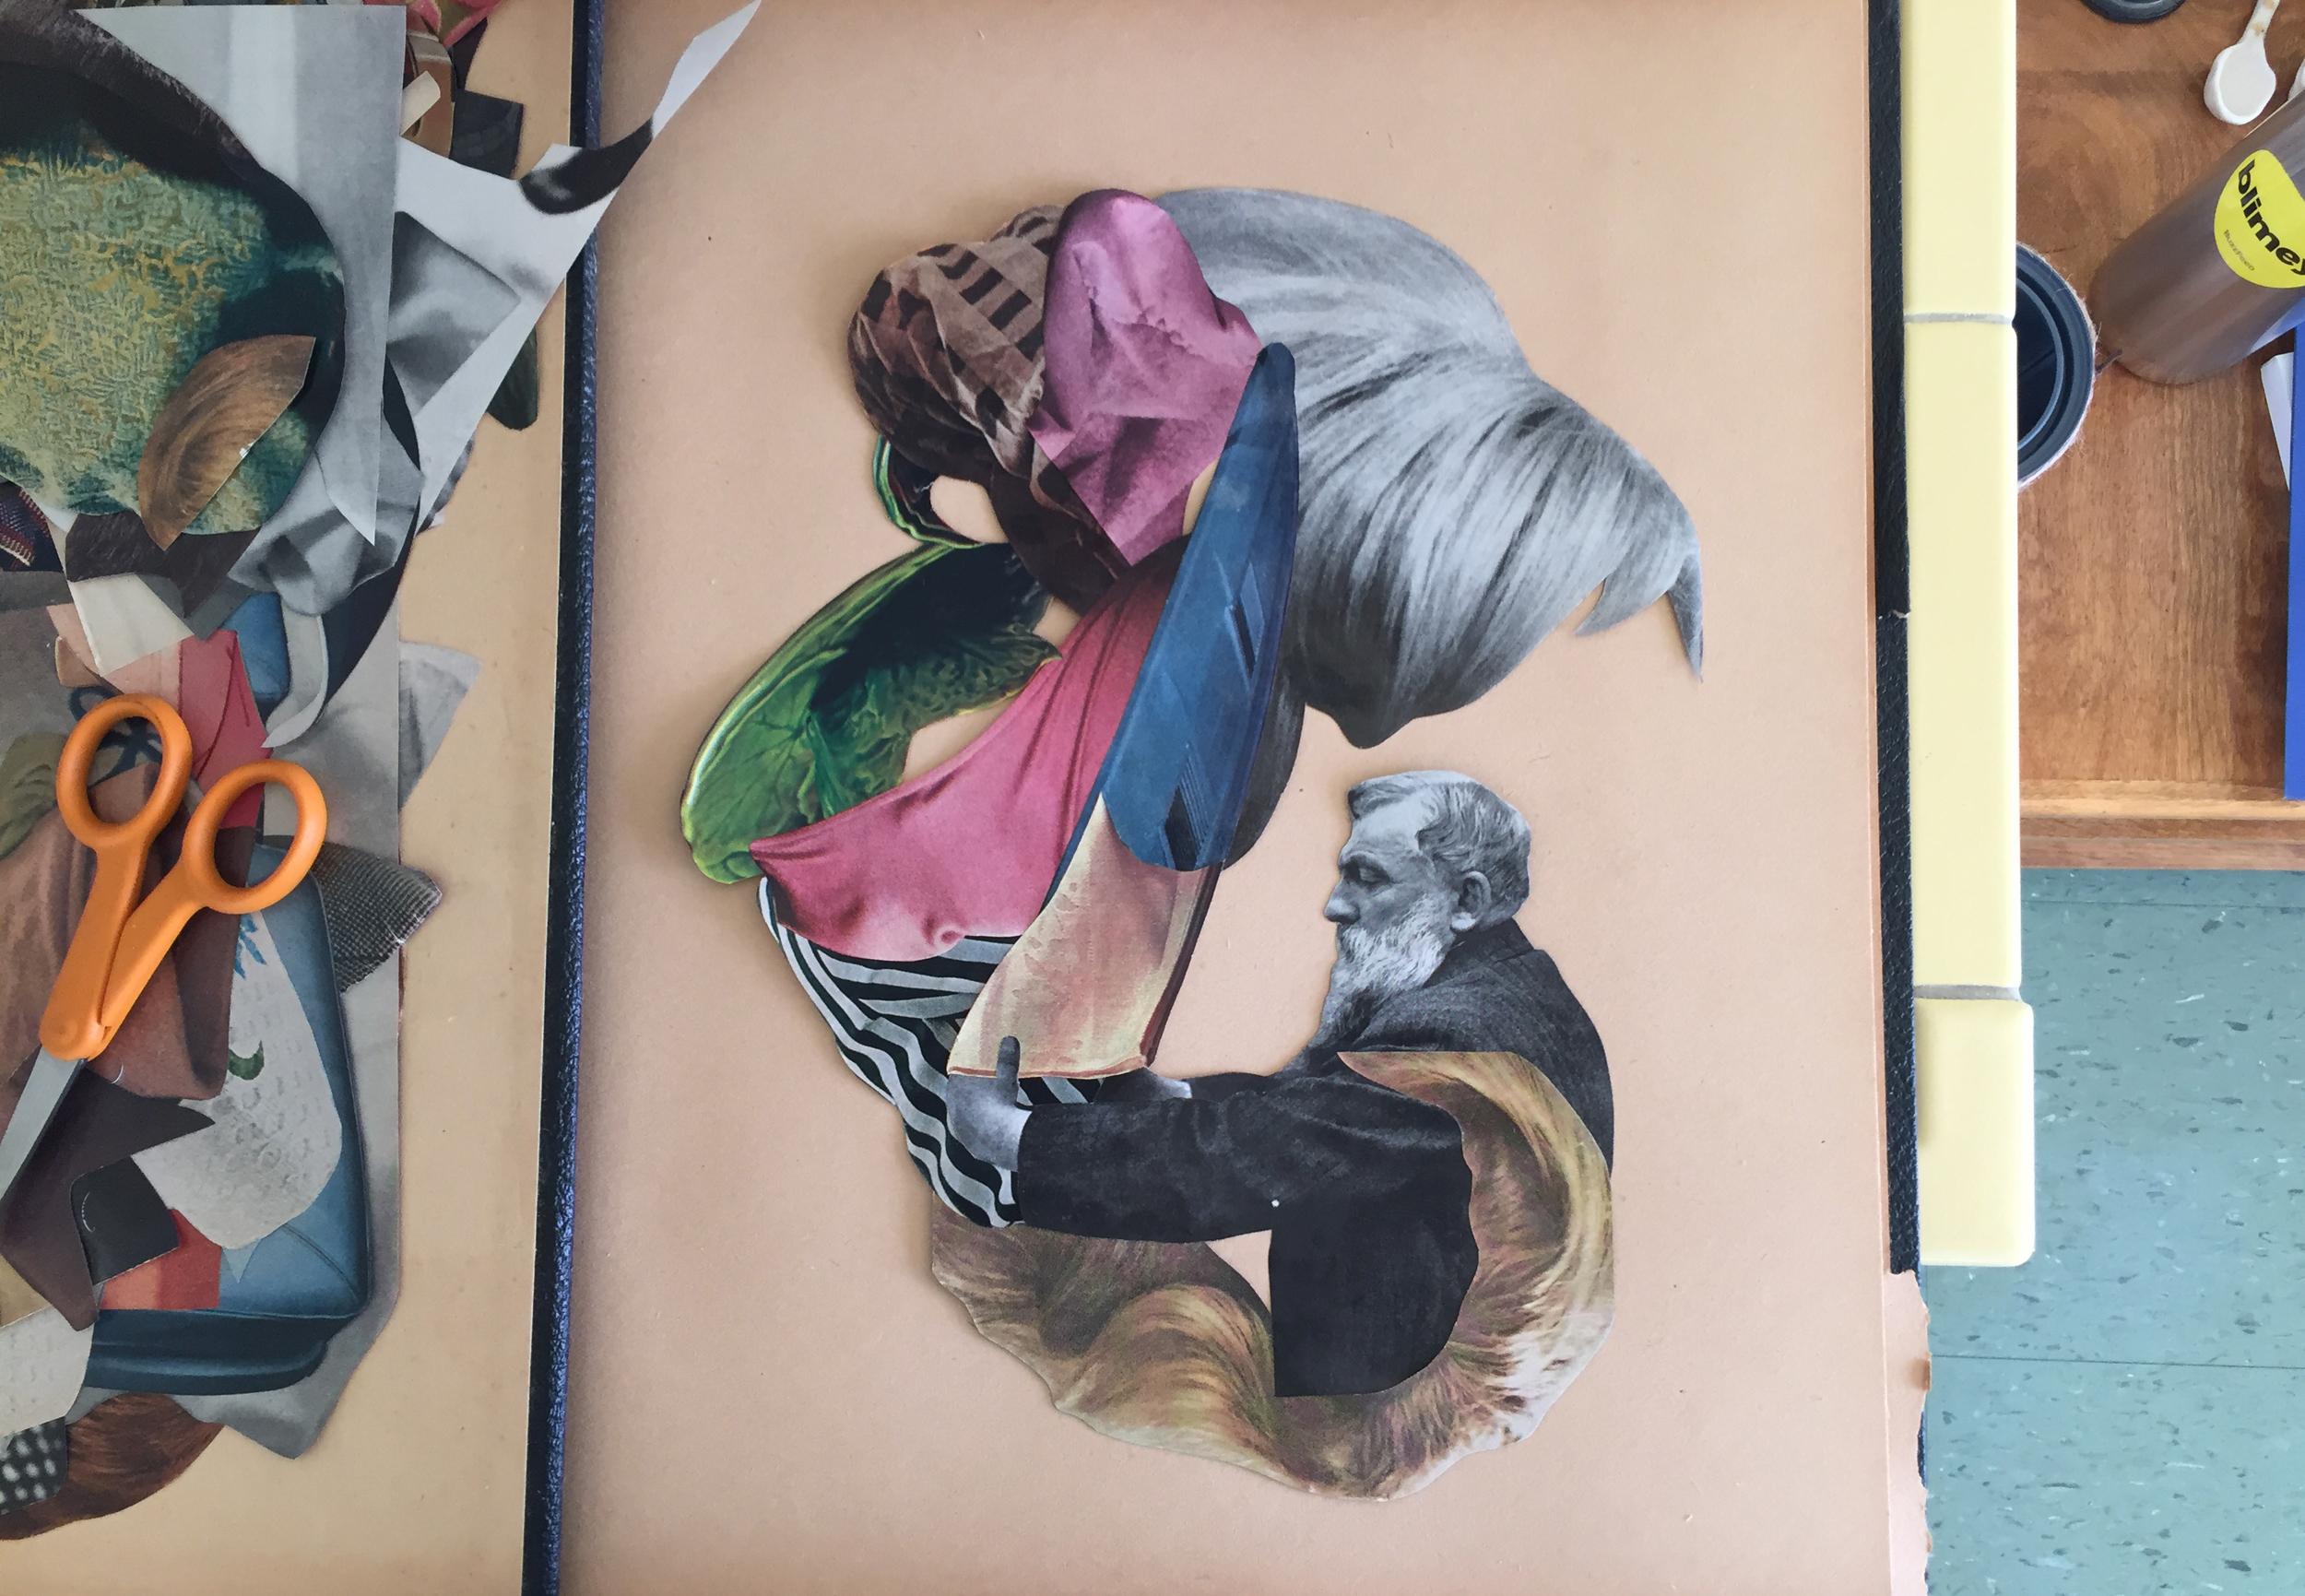 michael desutter // work-in-progress // collage